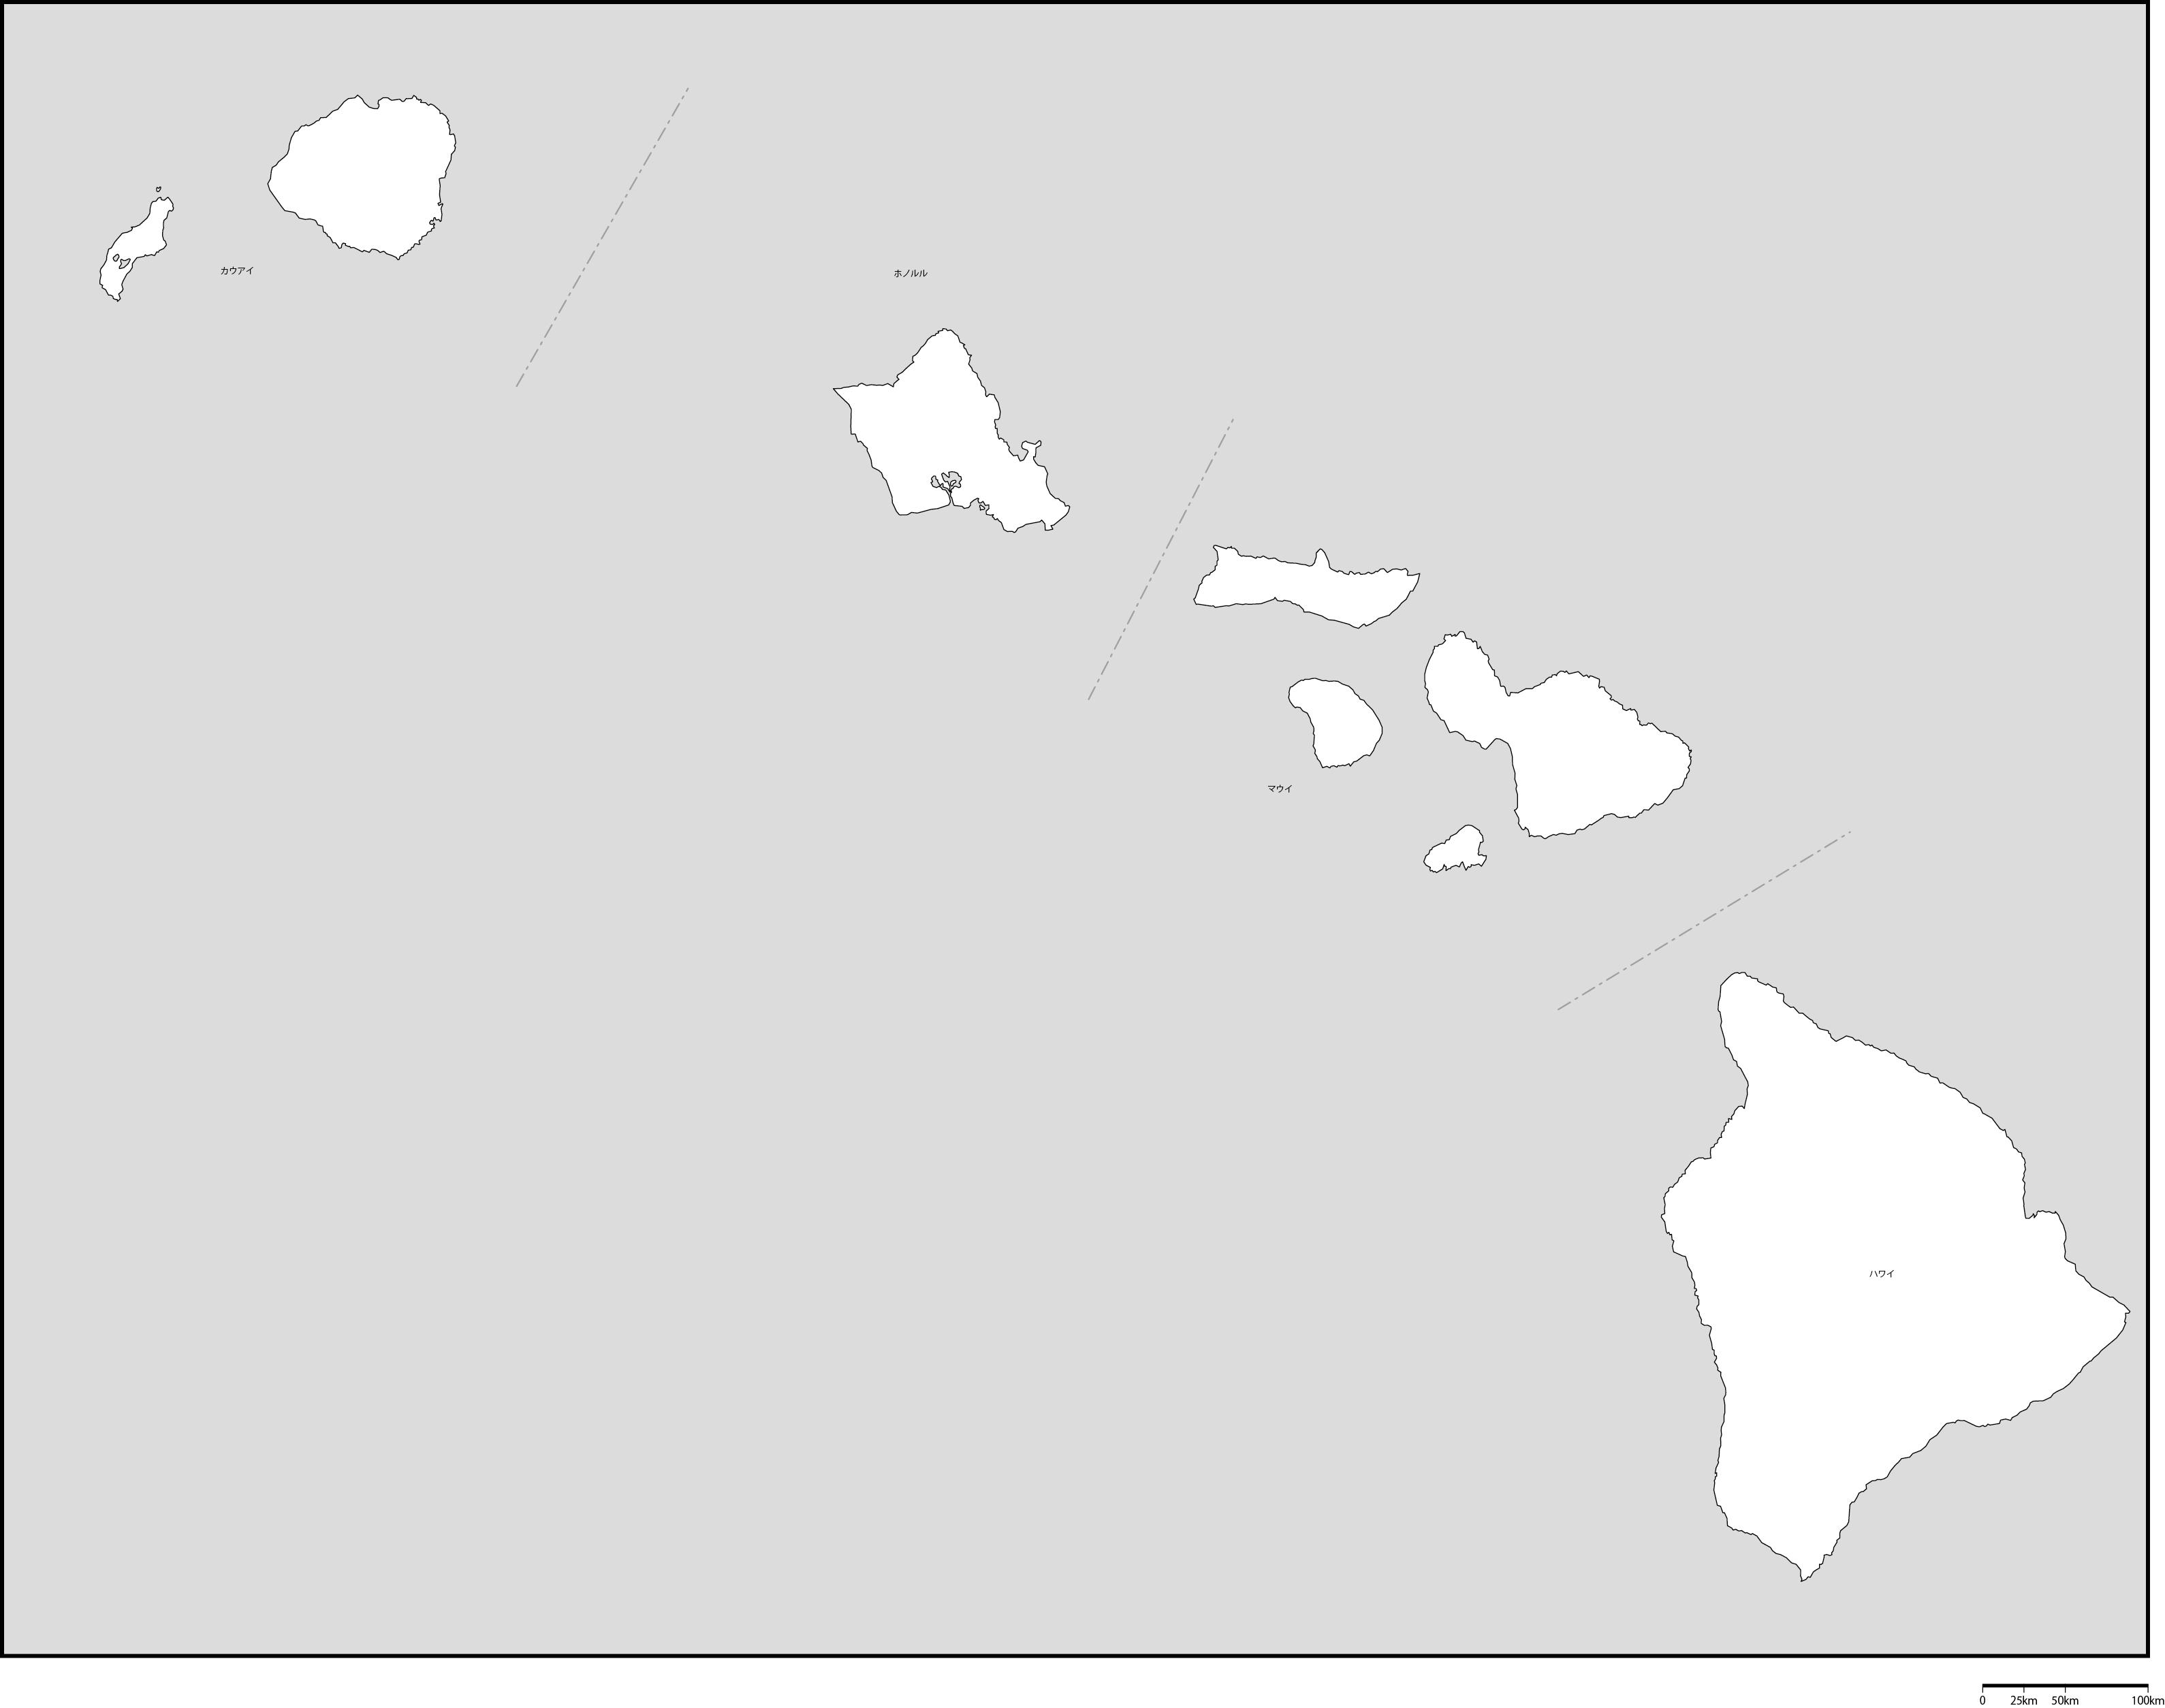 ハワイ州郡分け地図郡名あり(日...